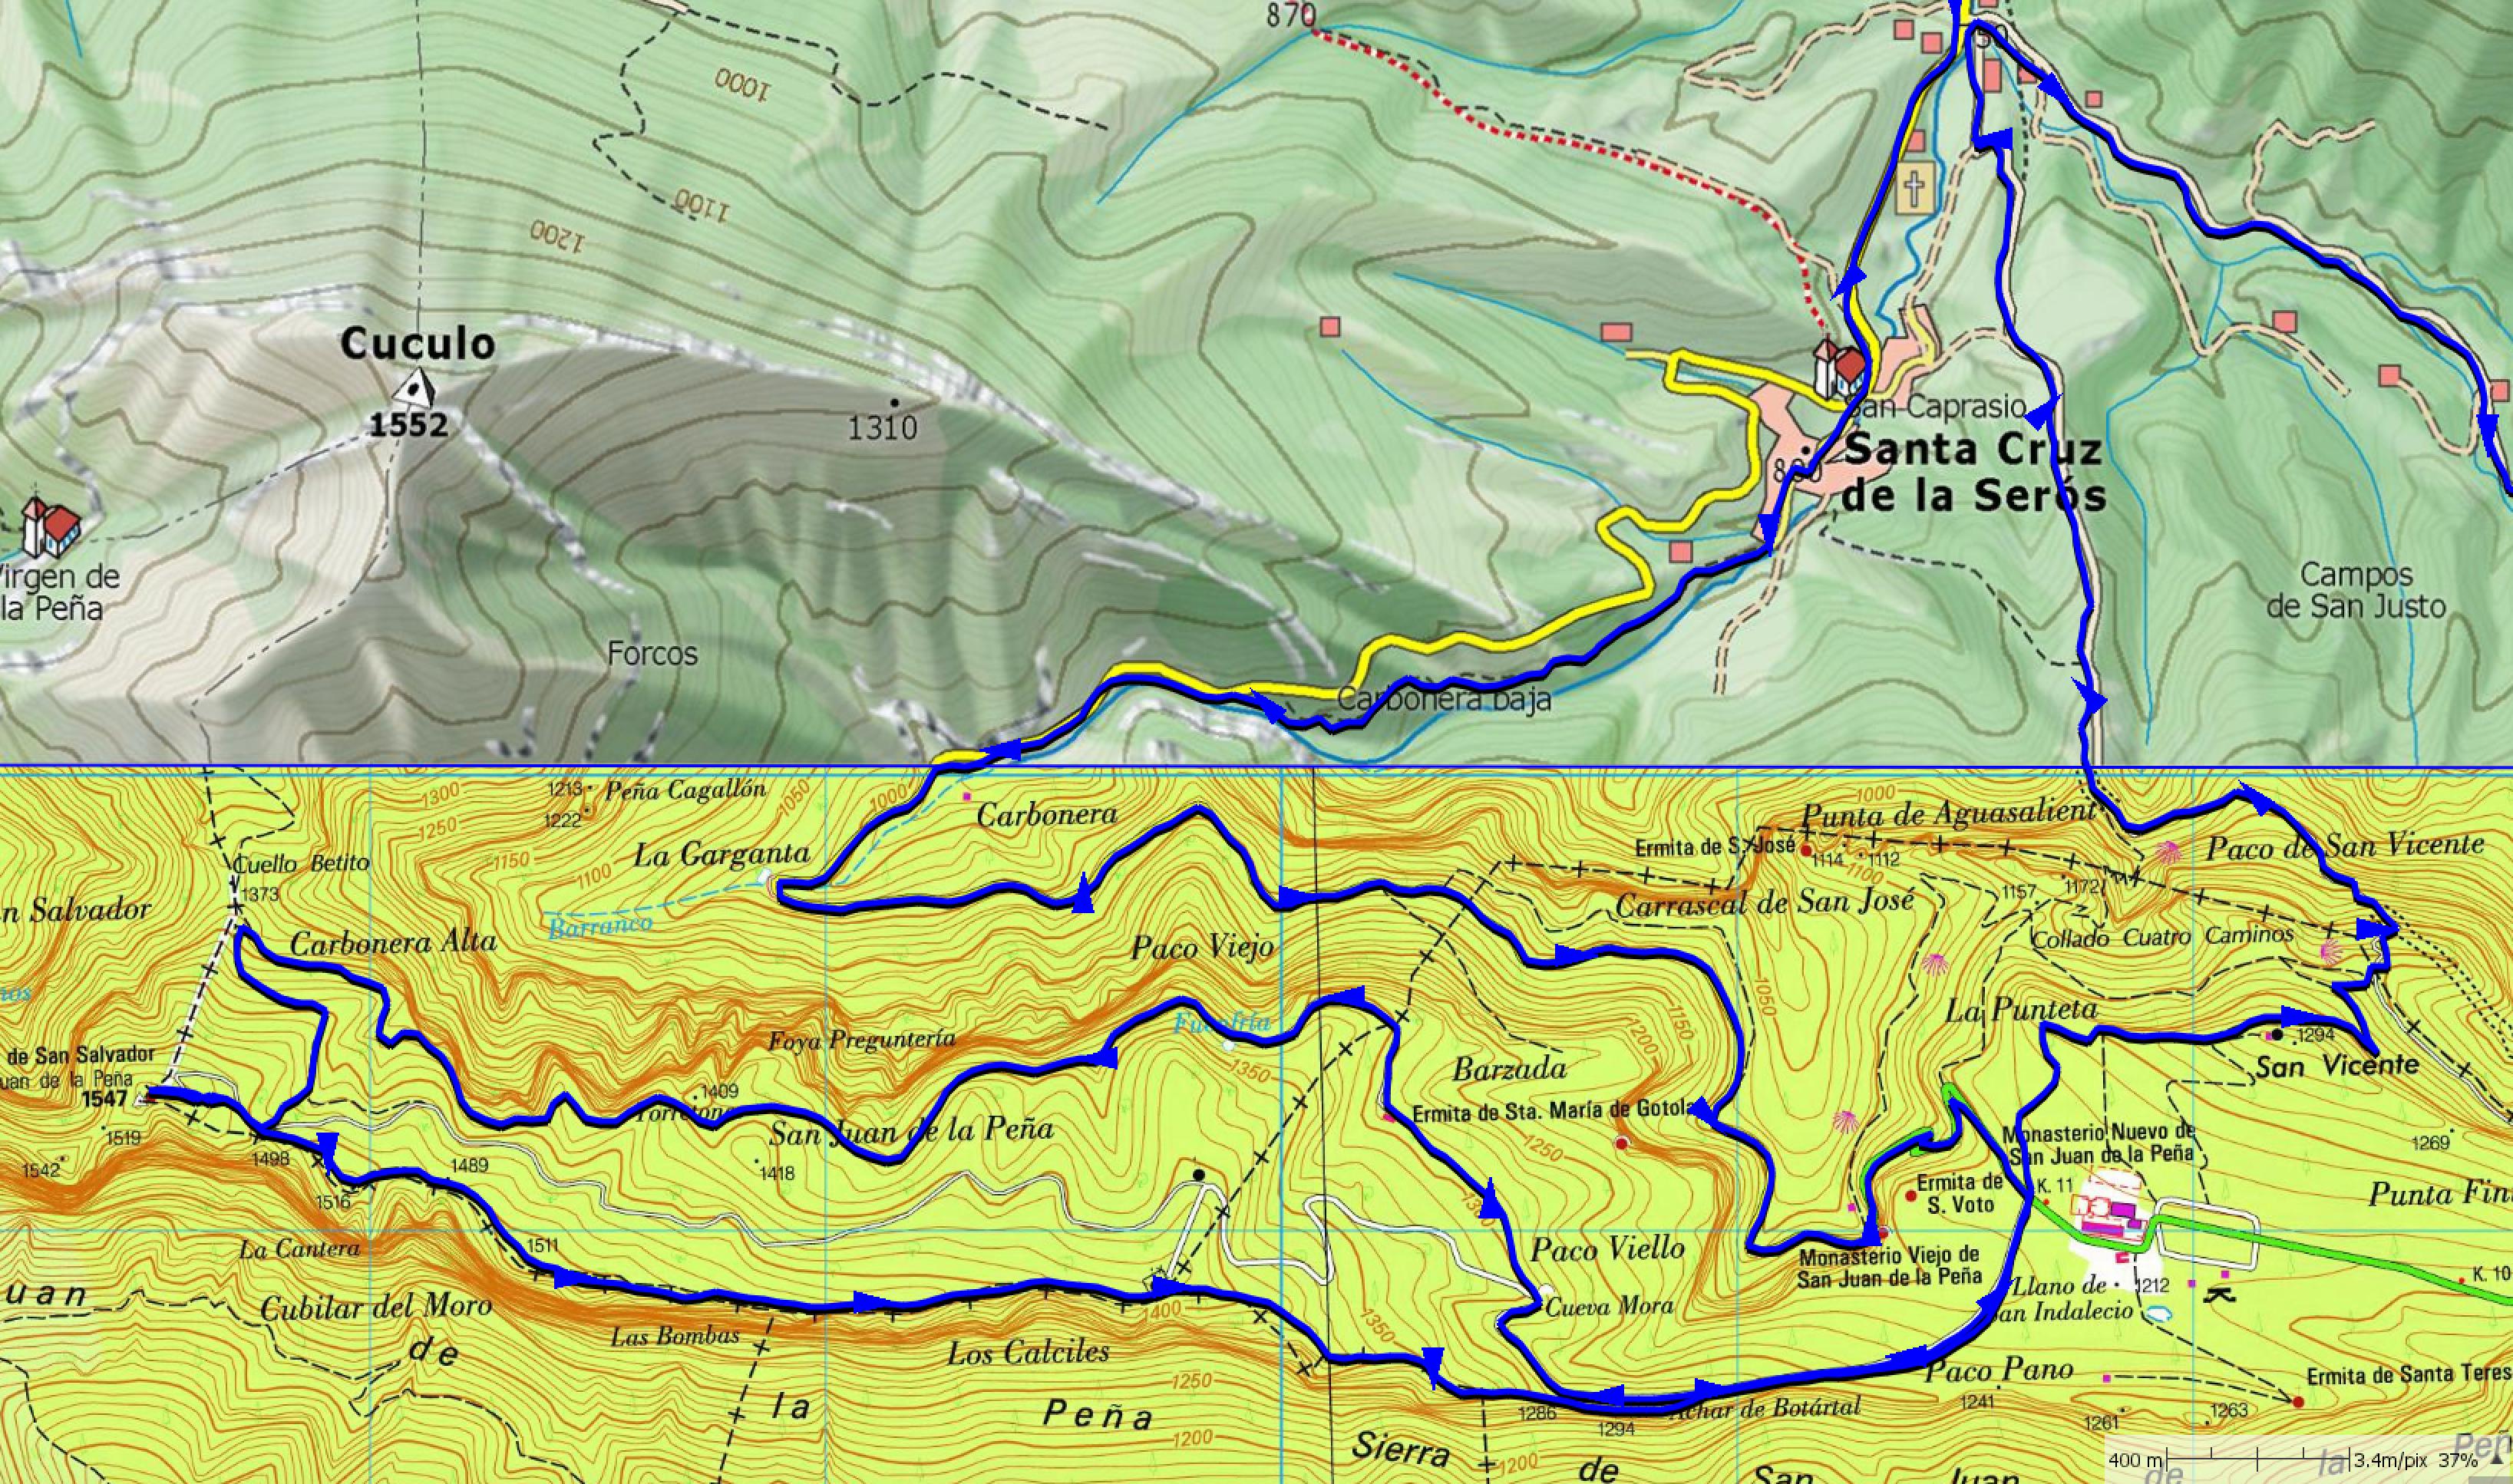 Mapa detalle desde Santa Cruz